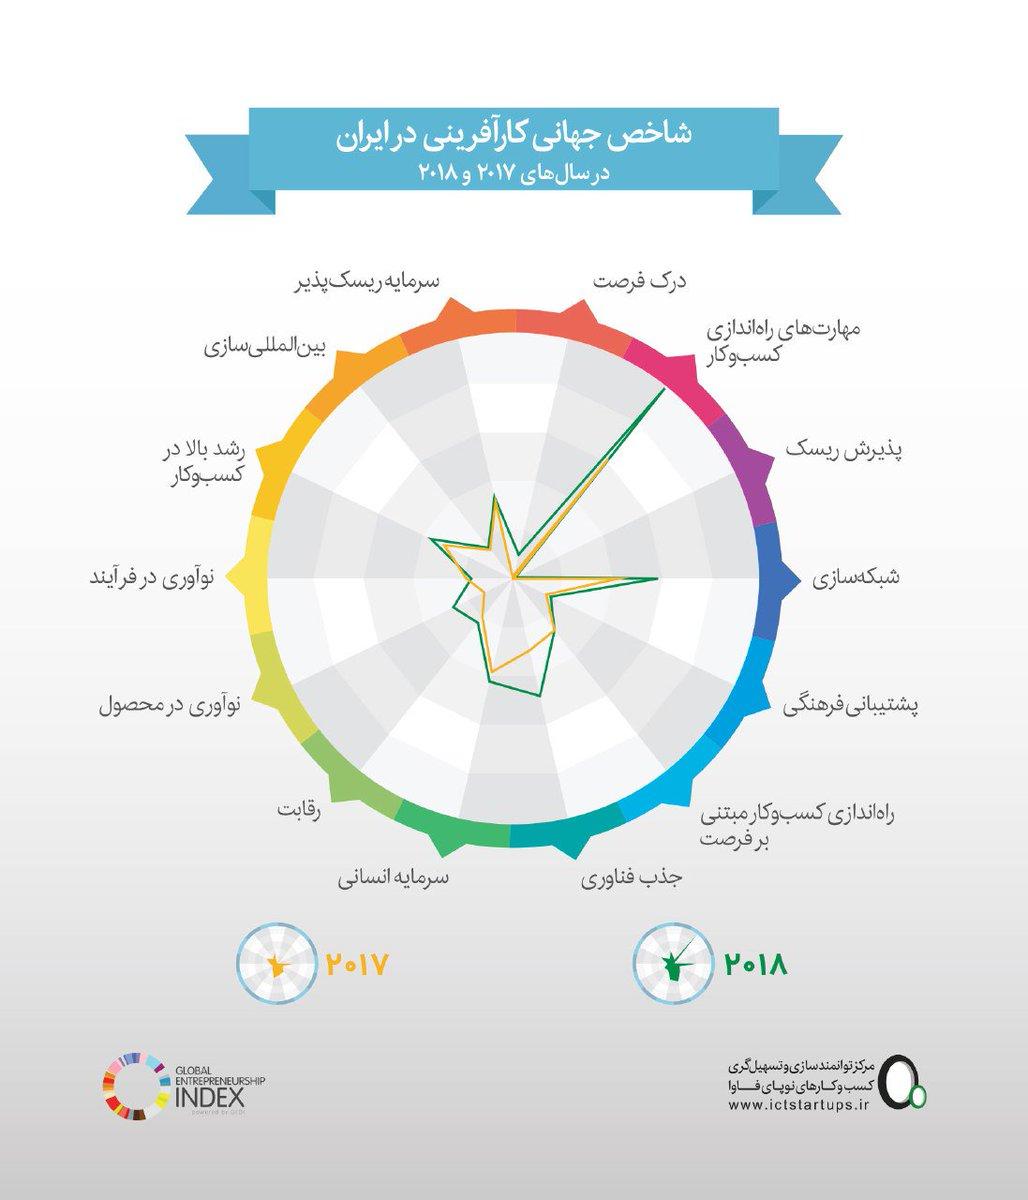 ایران در شاخص جهانی کارآفرینی 13 رتبه صعود کرد